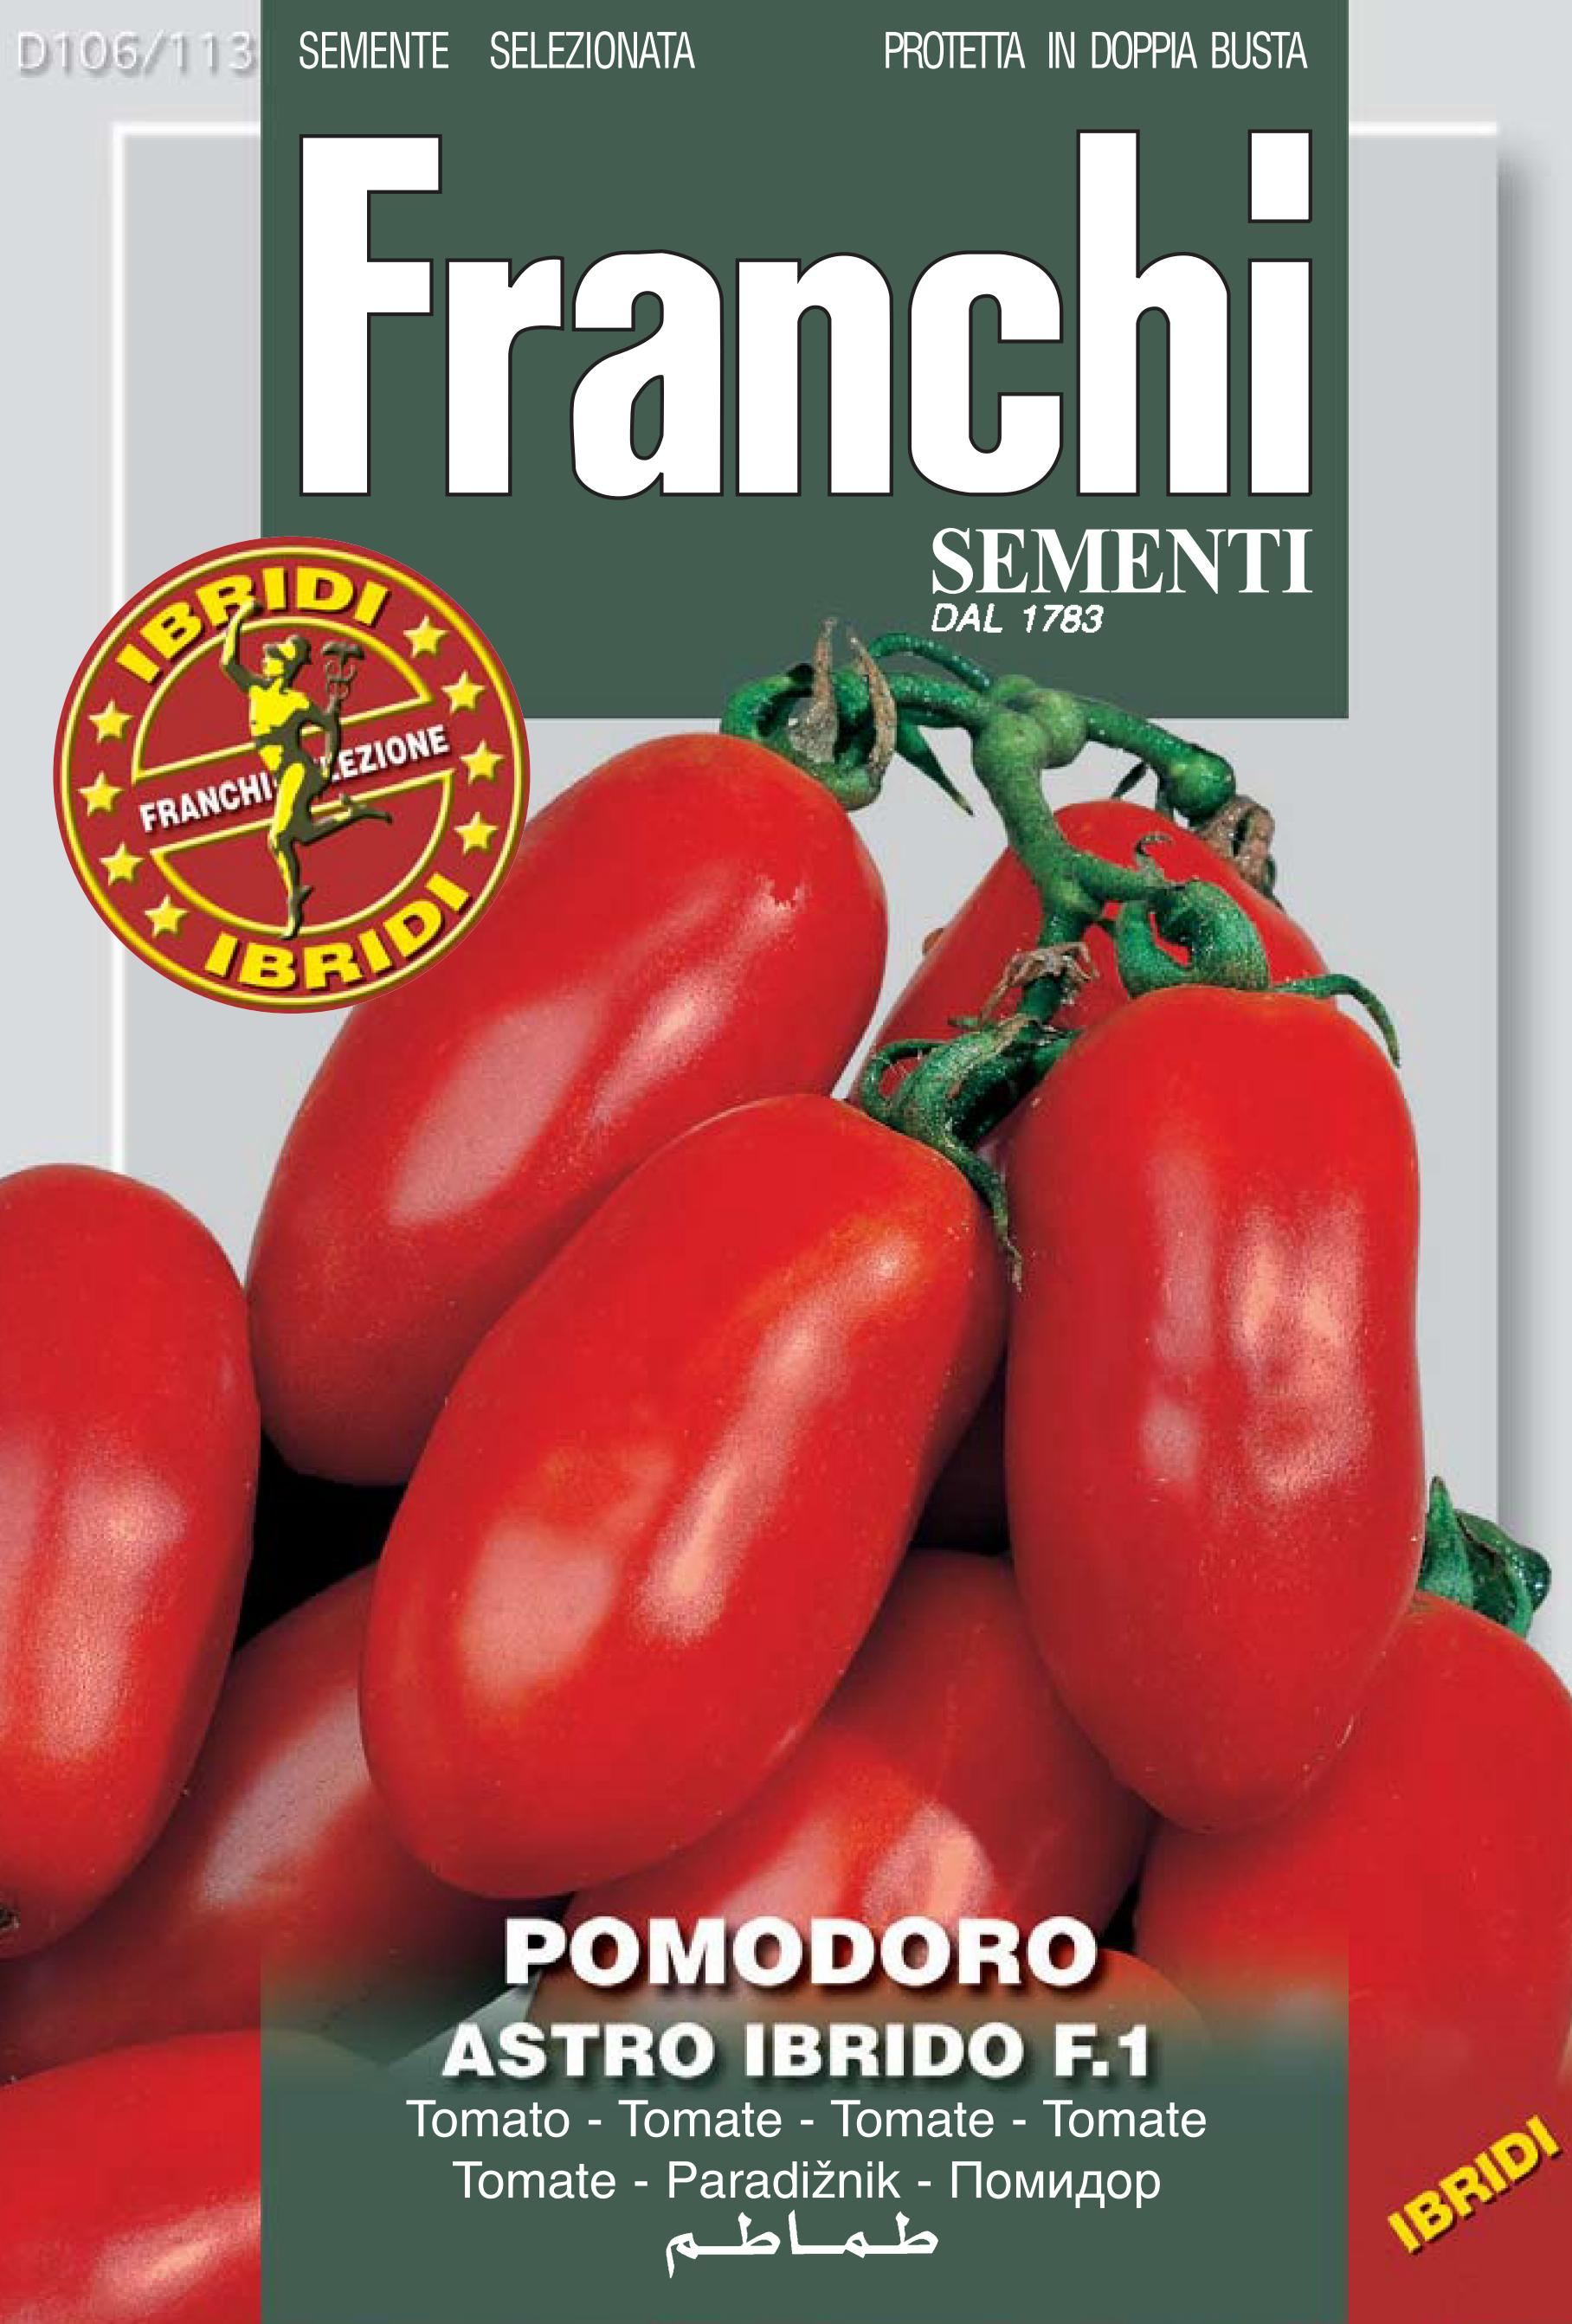 Tomato Astro Scipio F1 San Marzano Nano